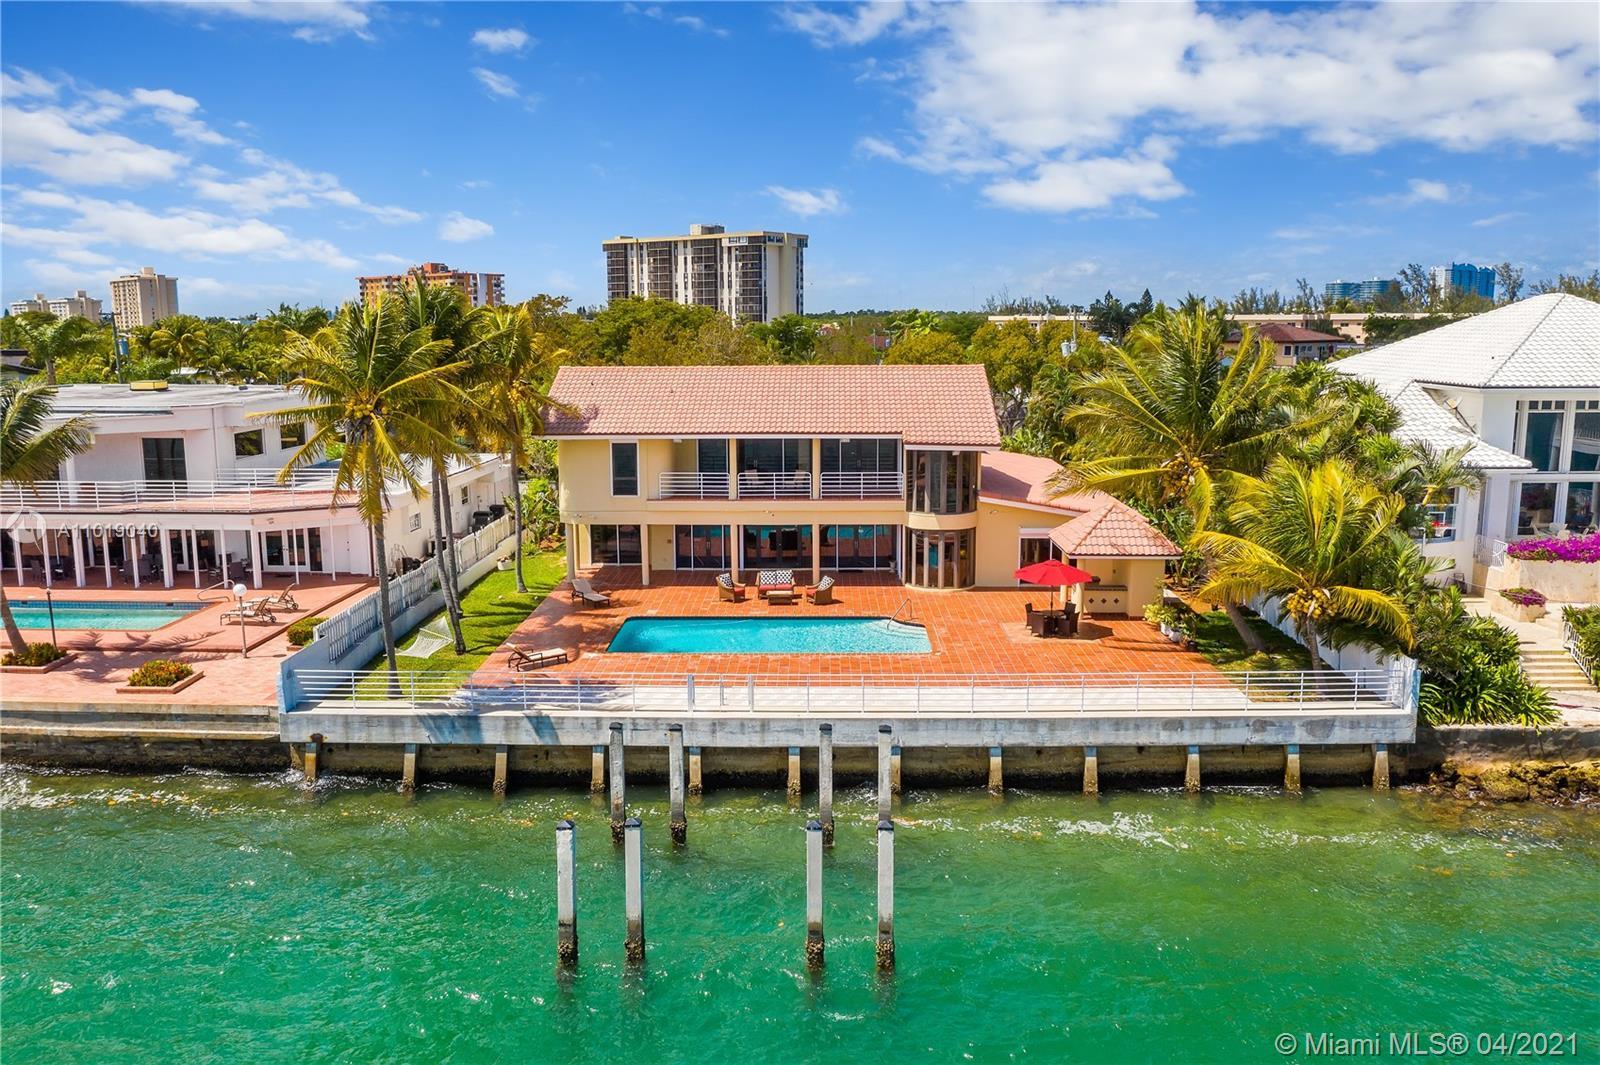 13155 Biscayne Bay Dr Luxury Real Estate